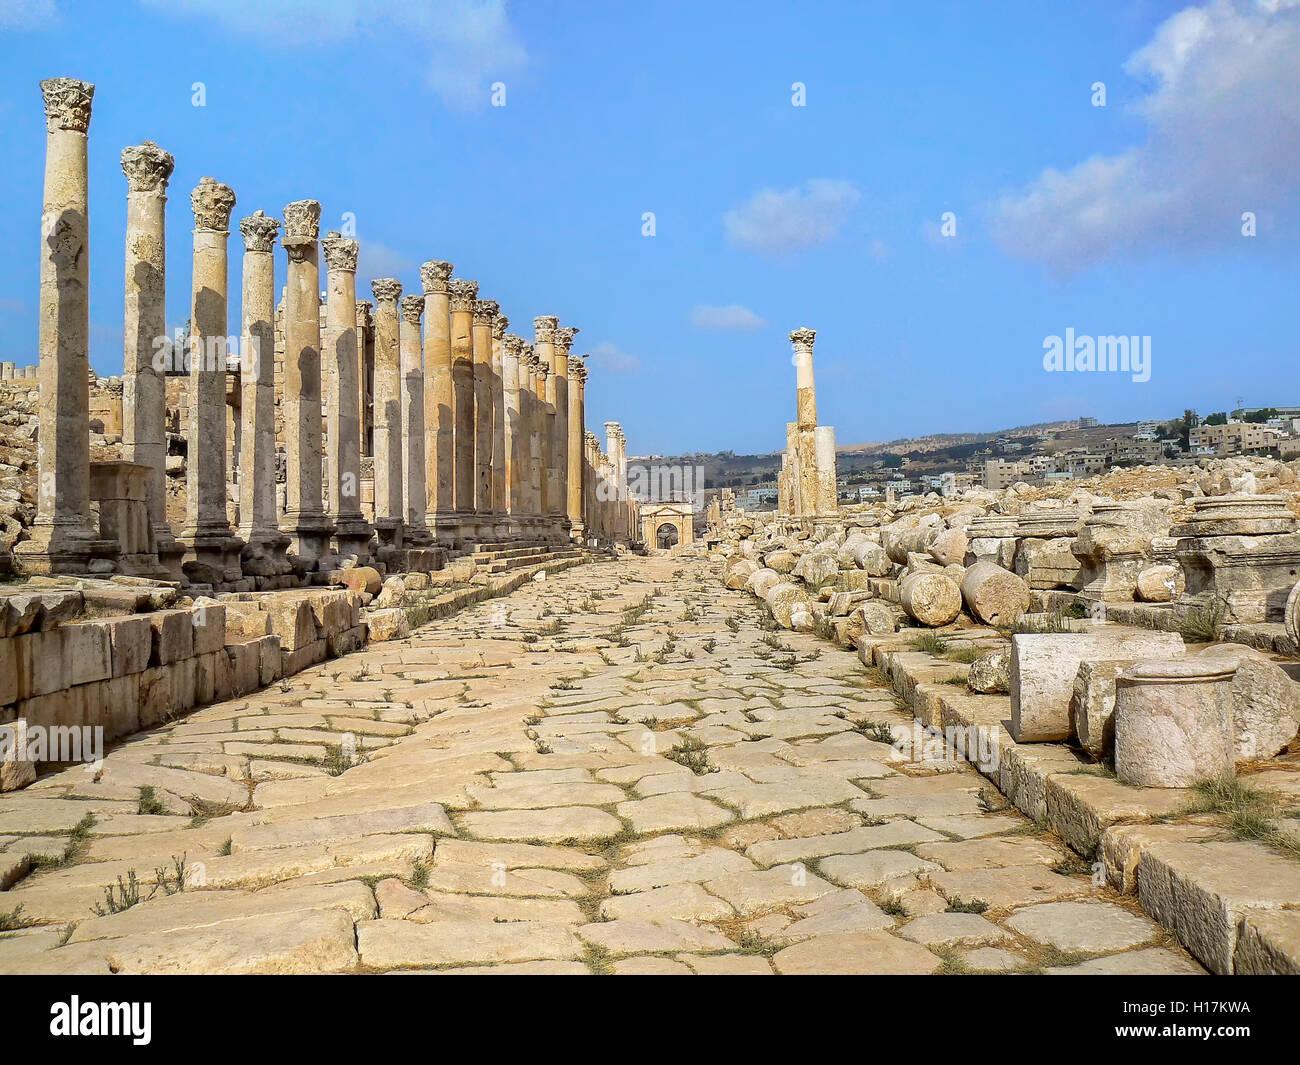 Roman road at Jerash, Jordan - Stock Image